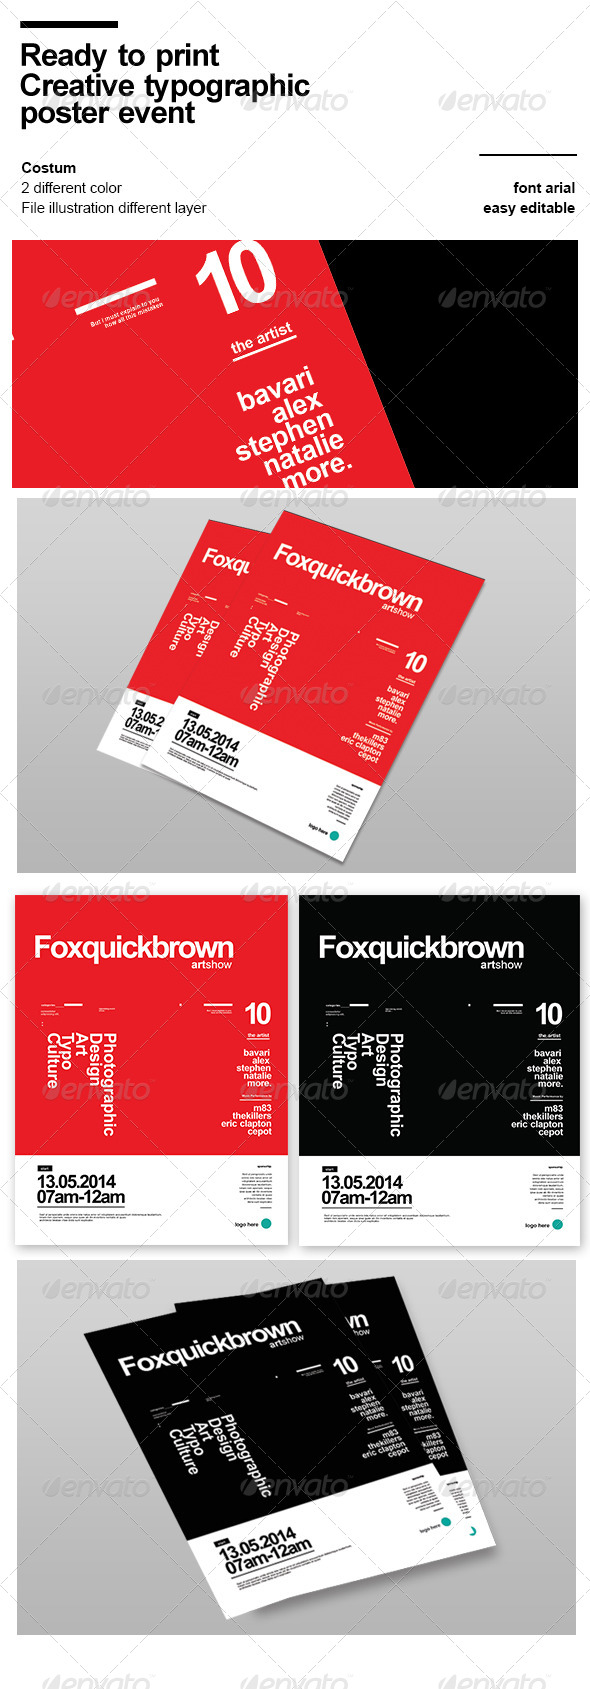 GraphicRiver Creative Typographic Event Flyer 7573468